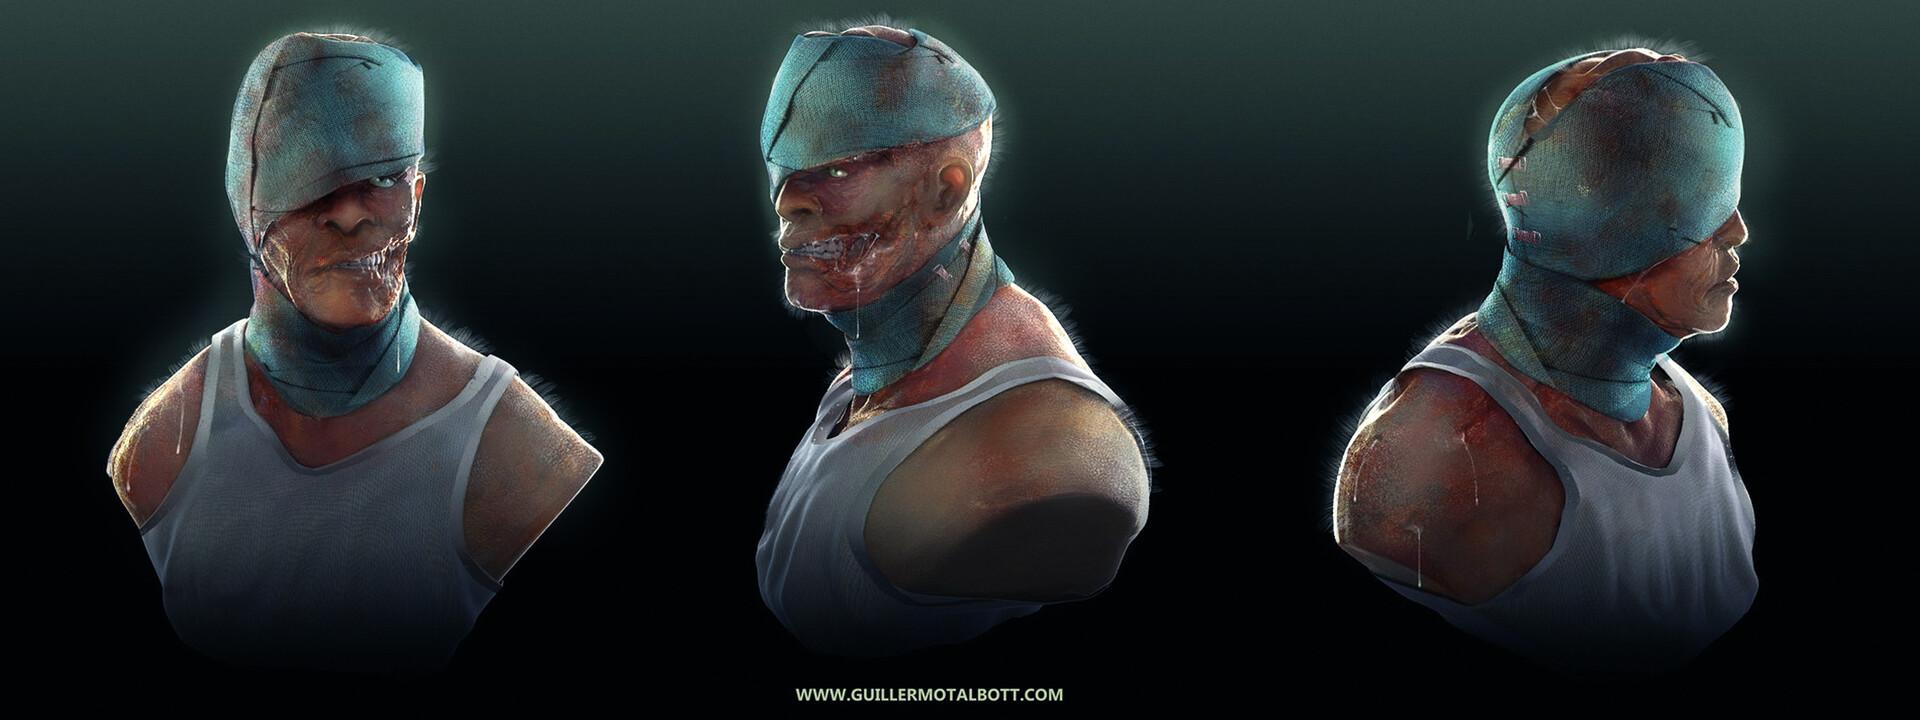 Guillermo talbott mutante 2